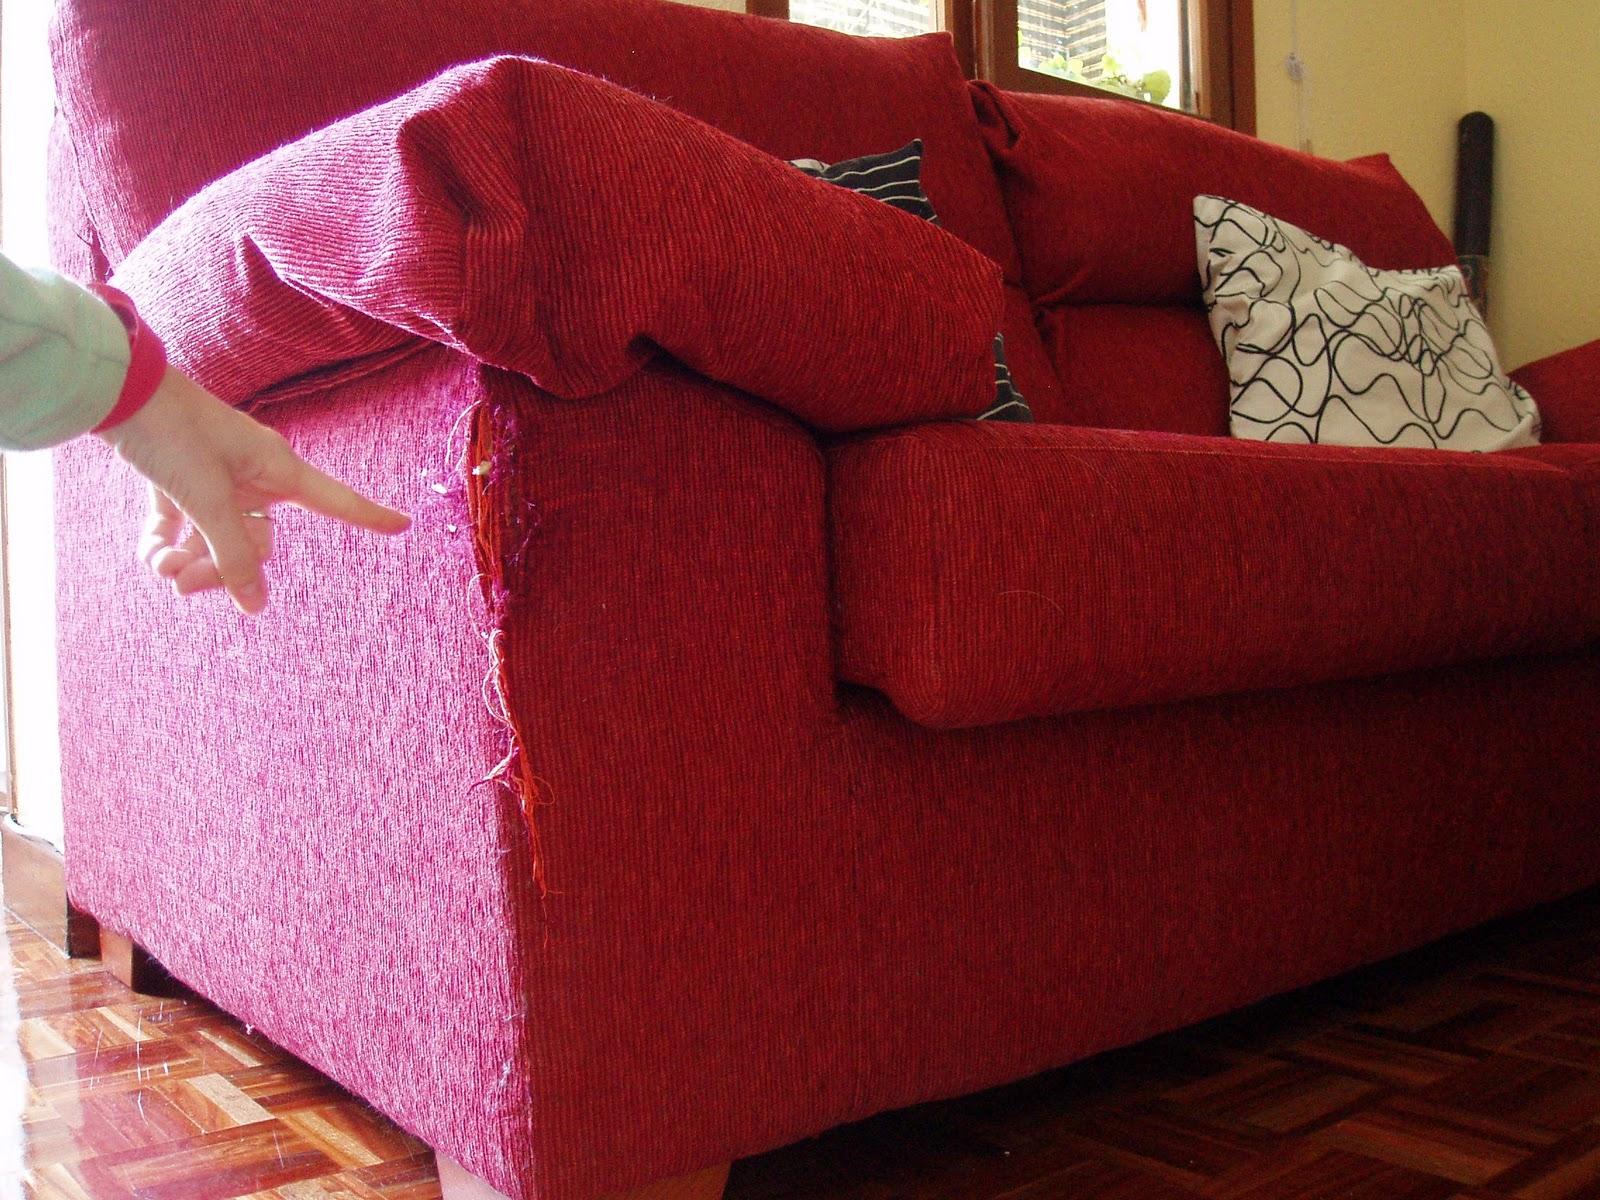 Donde caben dos mobiliario anti gato - Como forrar muebles con tela ...